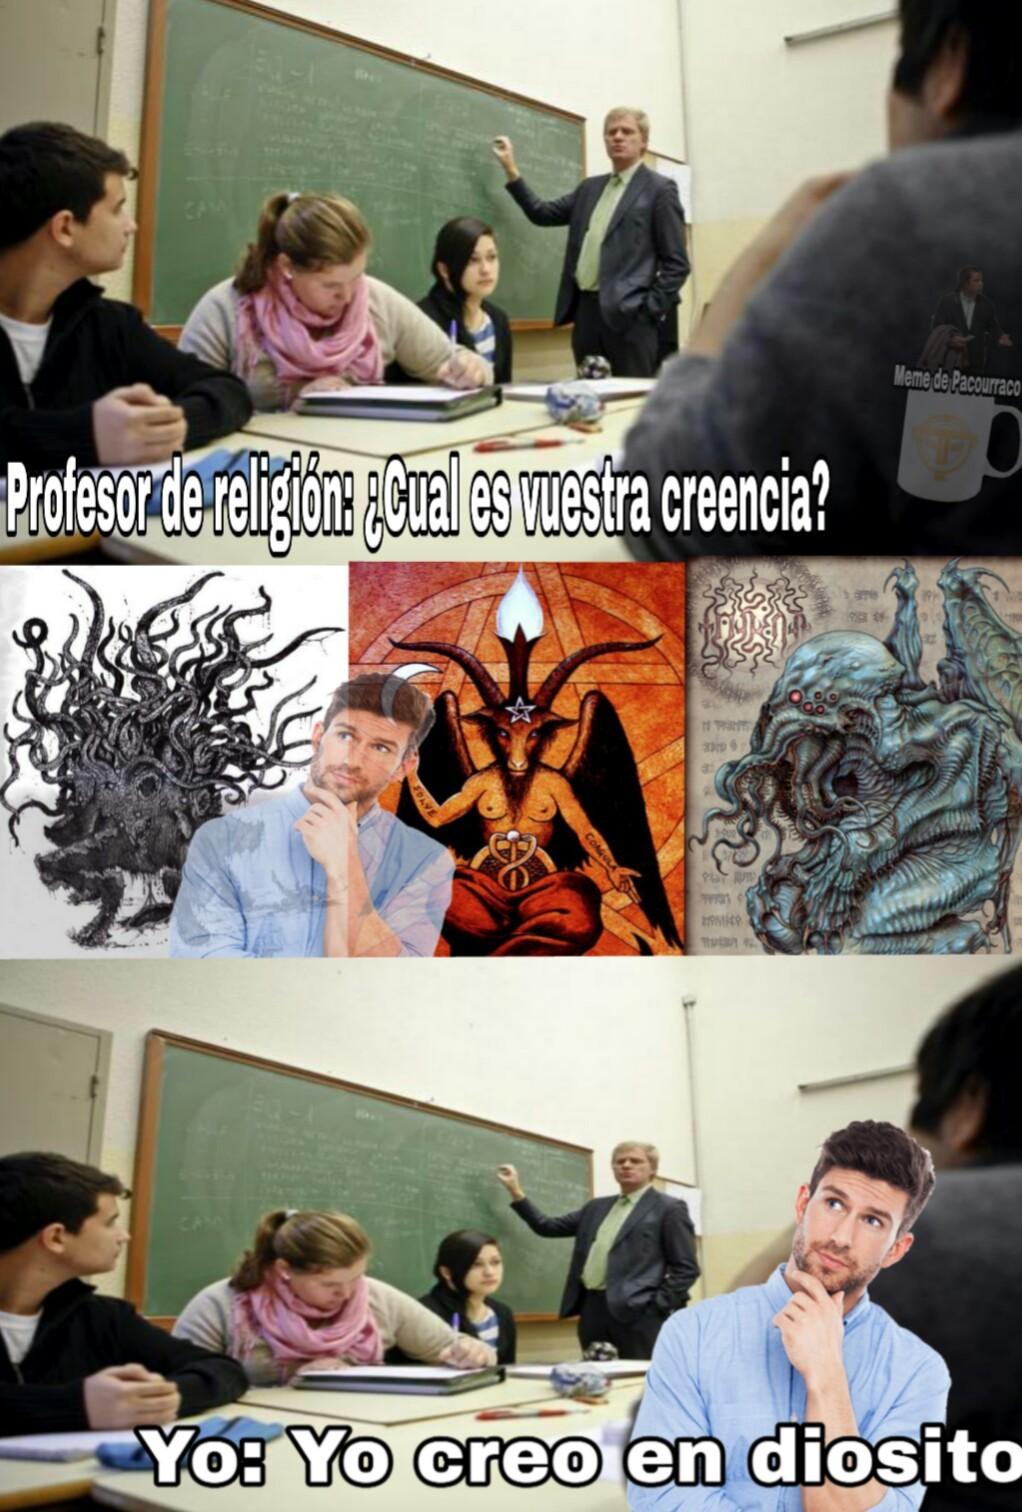 Es que nuestro colegio es católico - meme